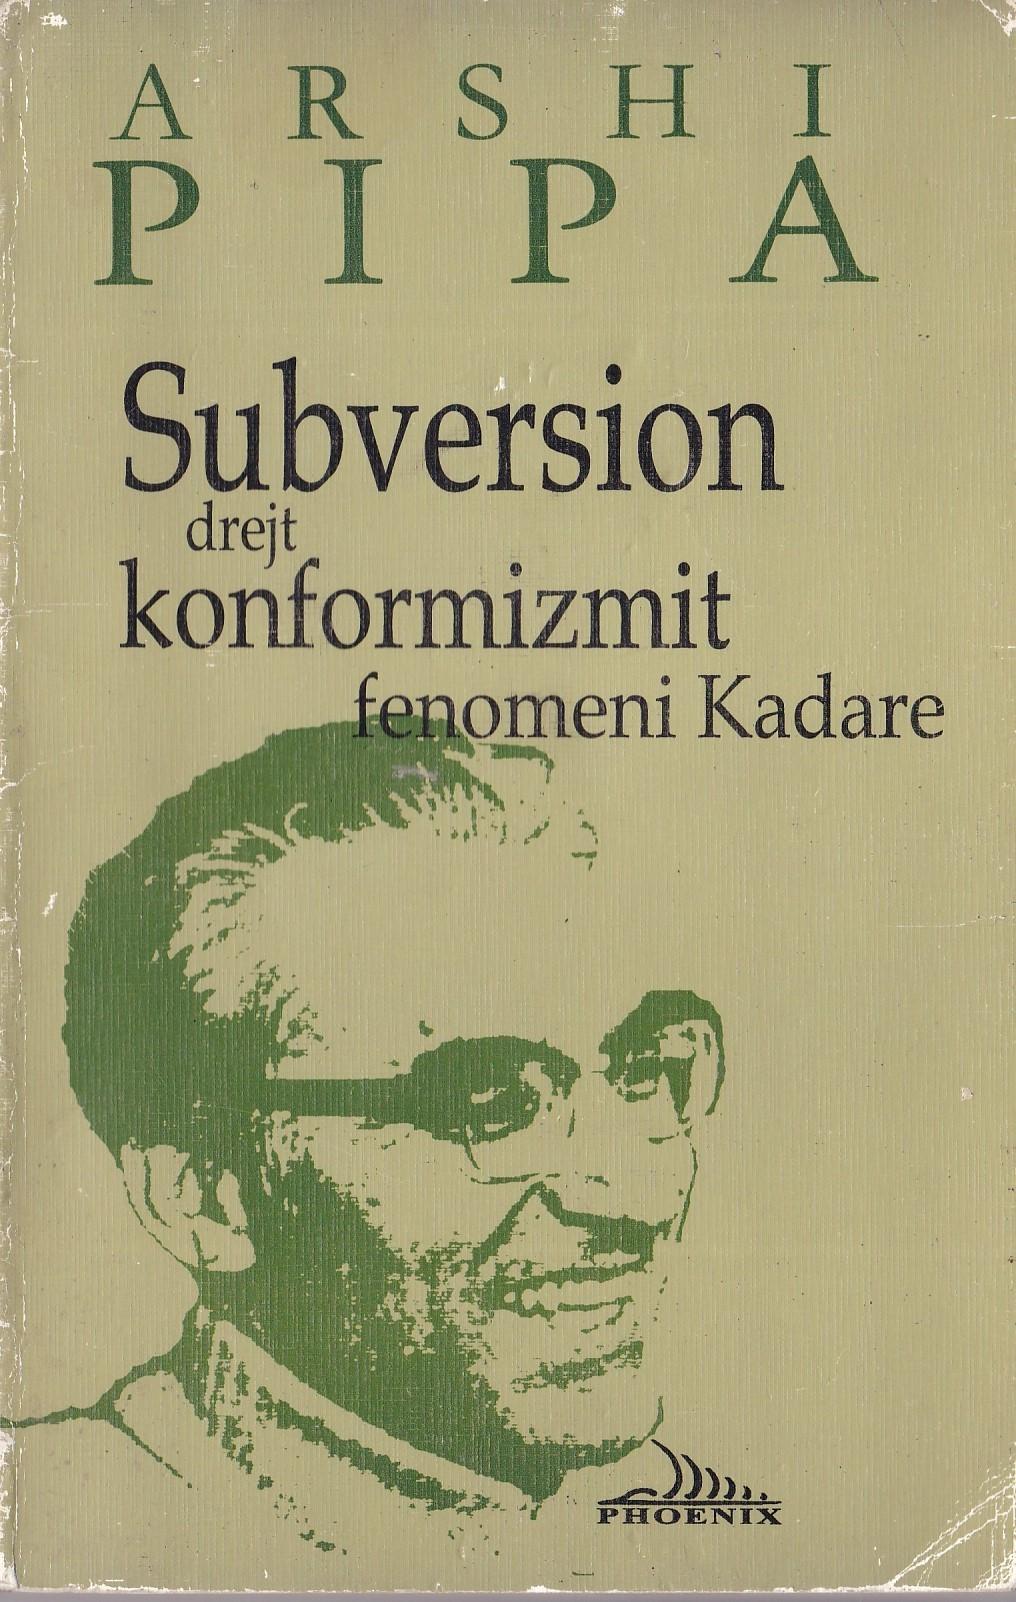 Subversioni drejt konformizmit